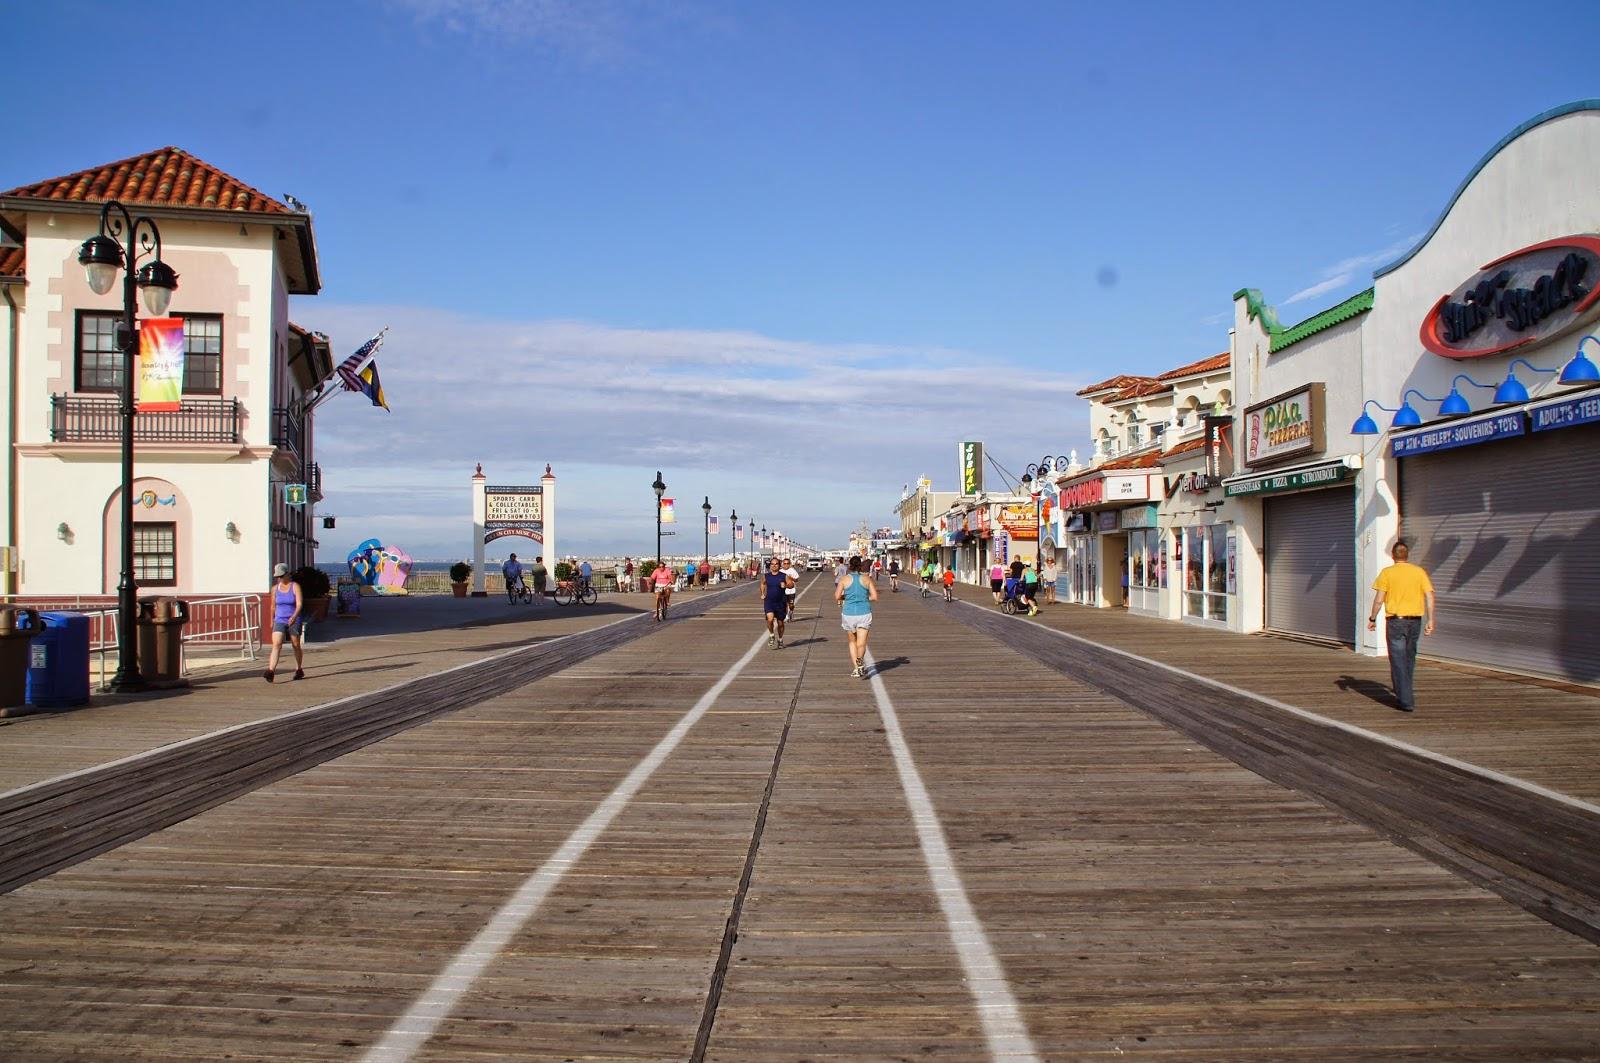 The Ocean City Nj Boardwalk Story